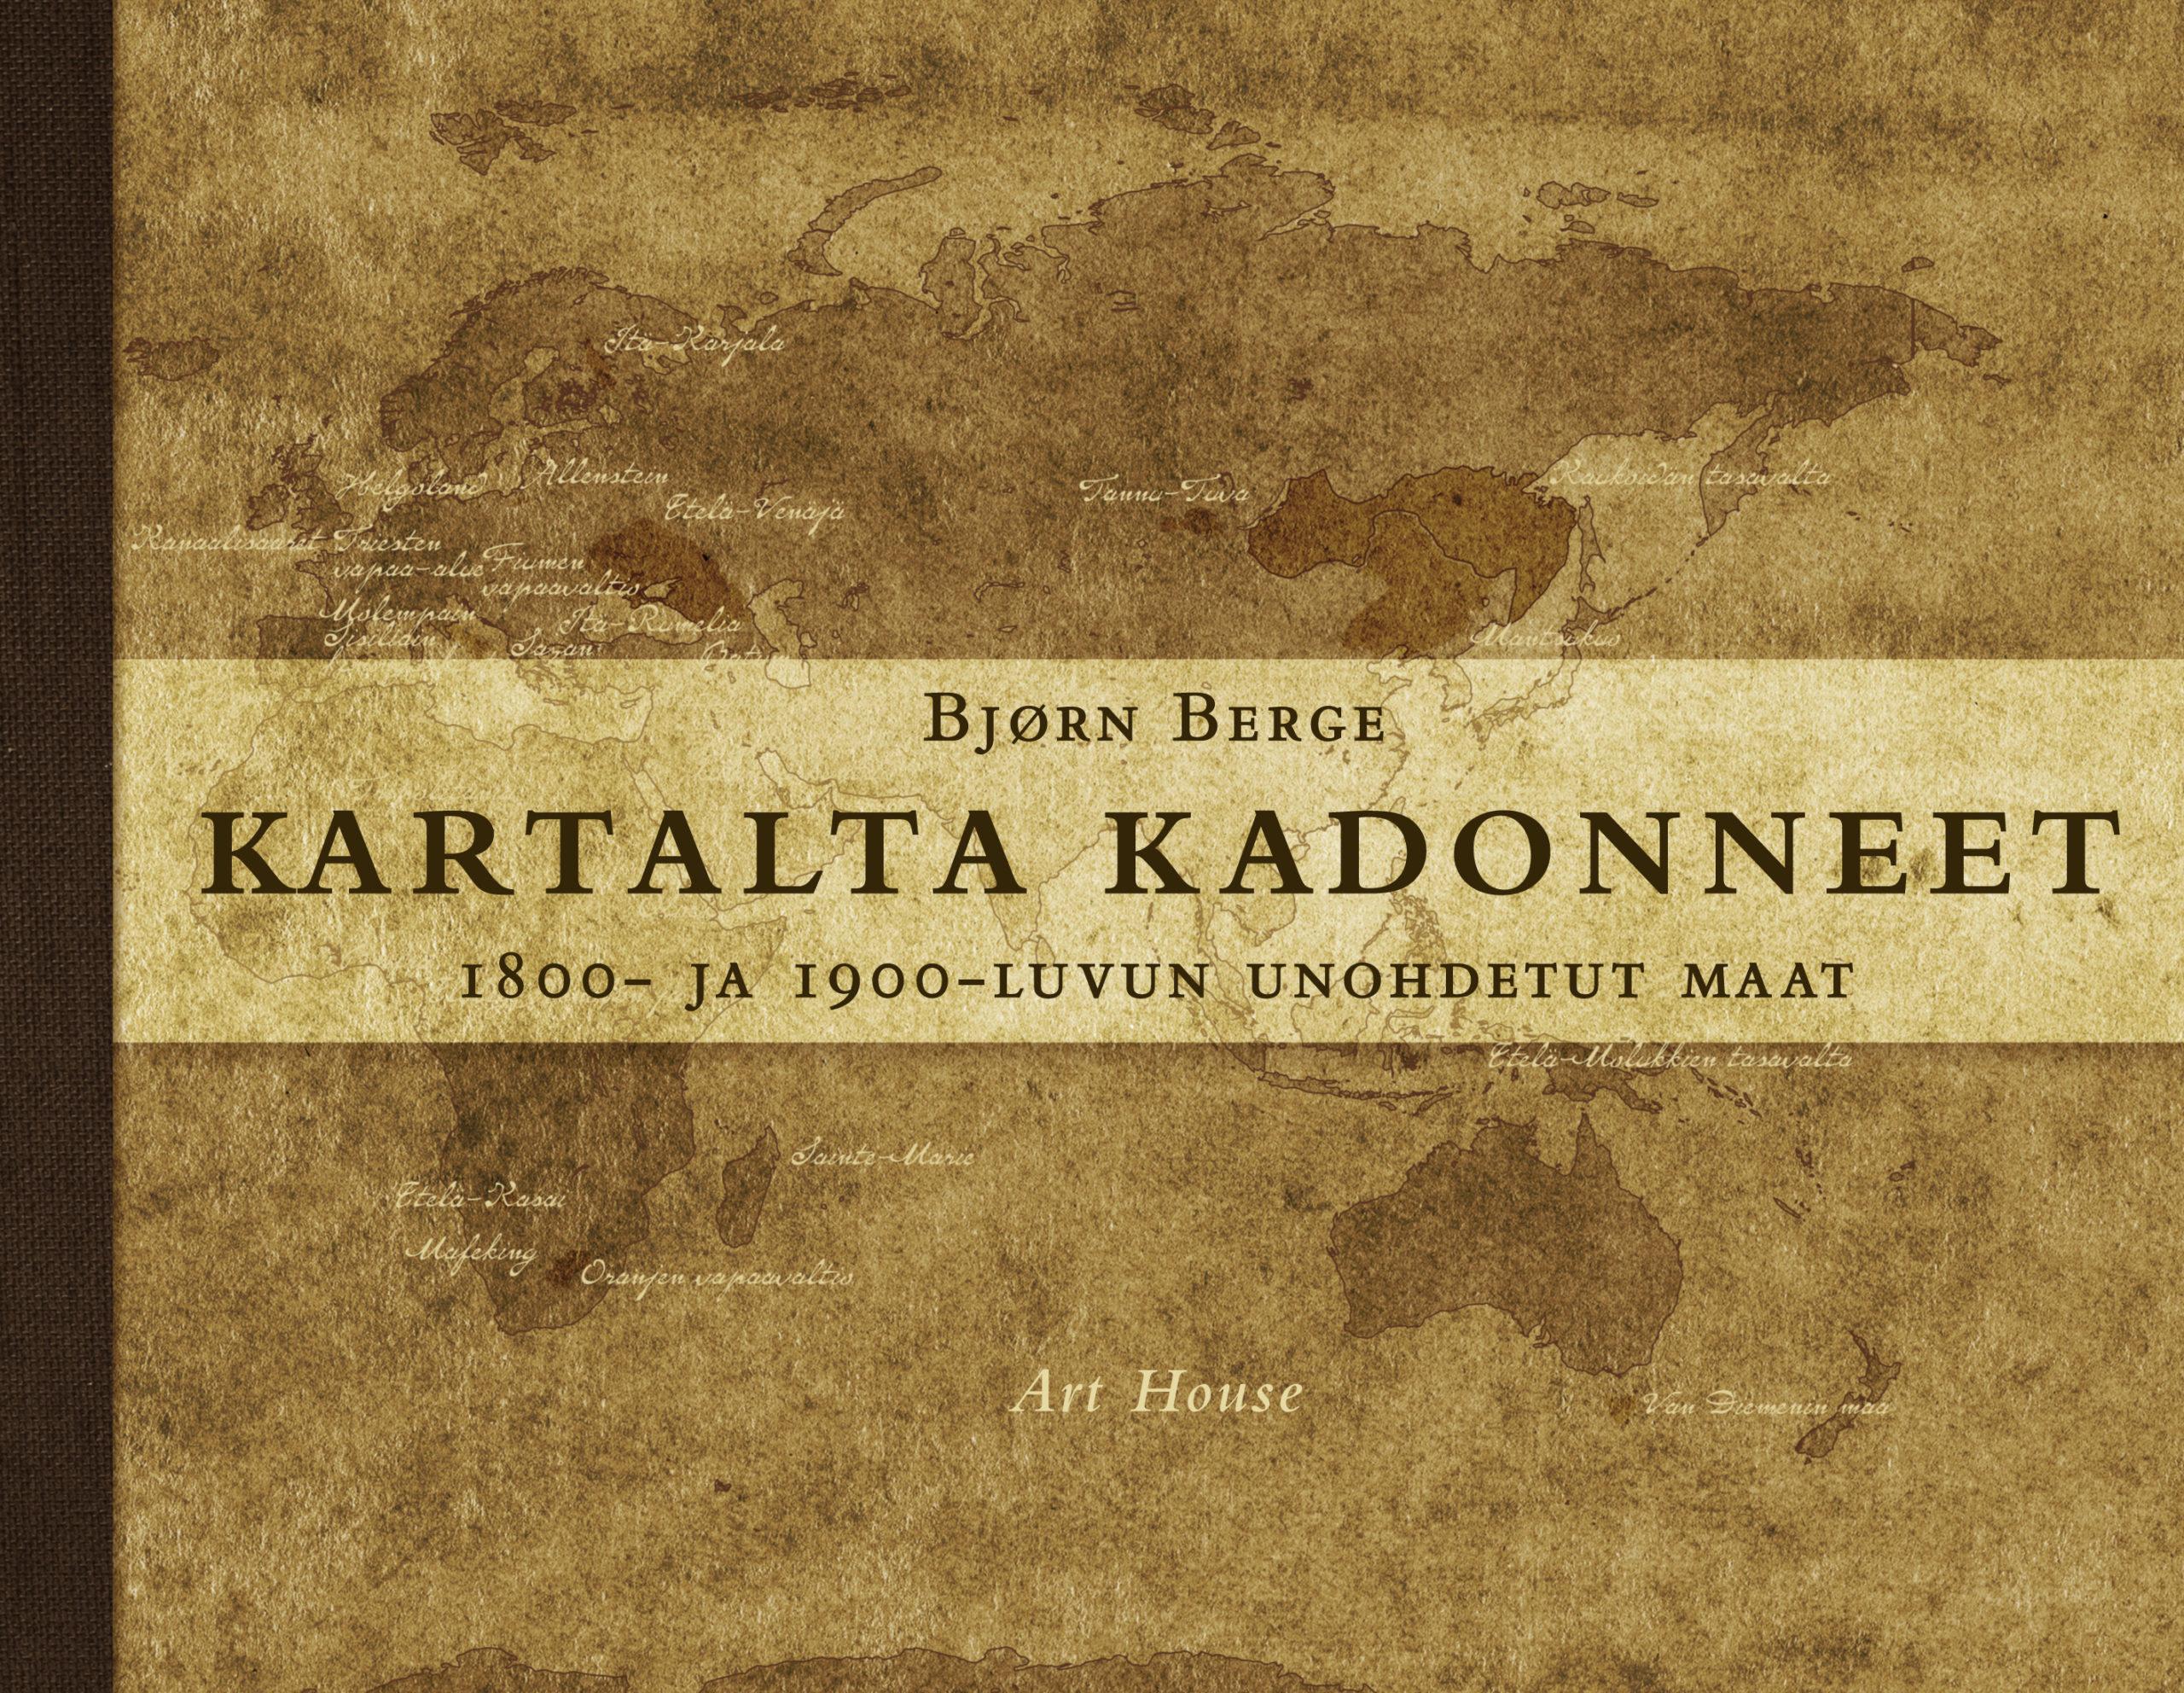 Bjørn Berge: Kartalta kadonneet. 1800- ja 1900-luvun unohdetut maat. Art House 2016, 236 s.